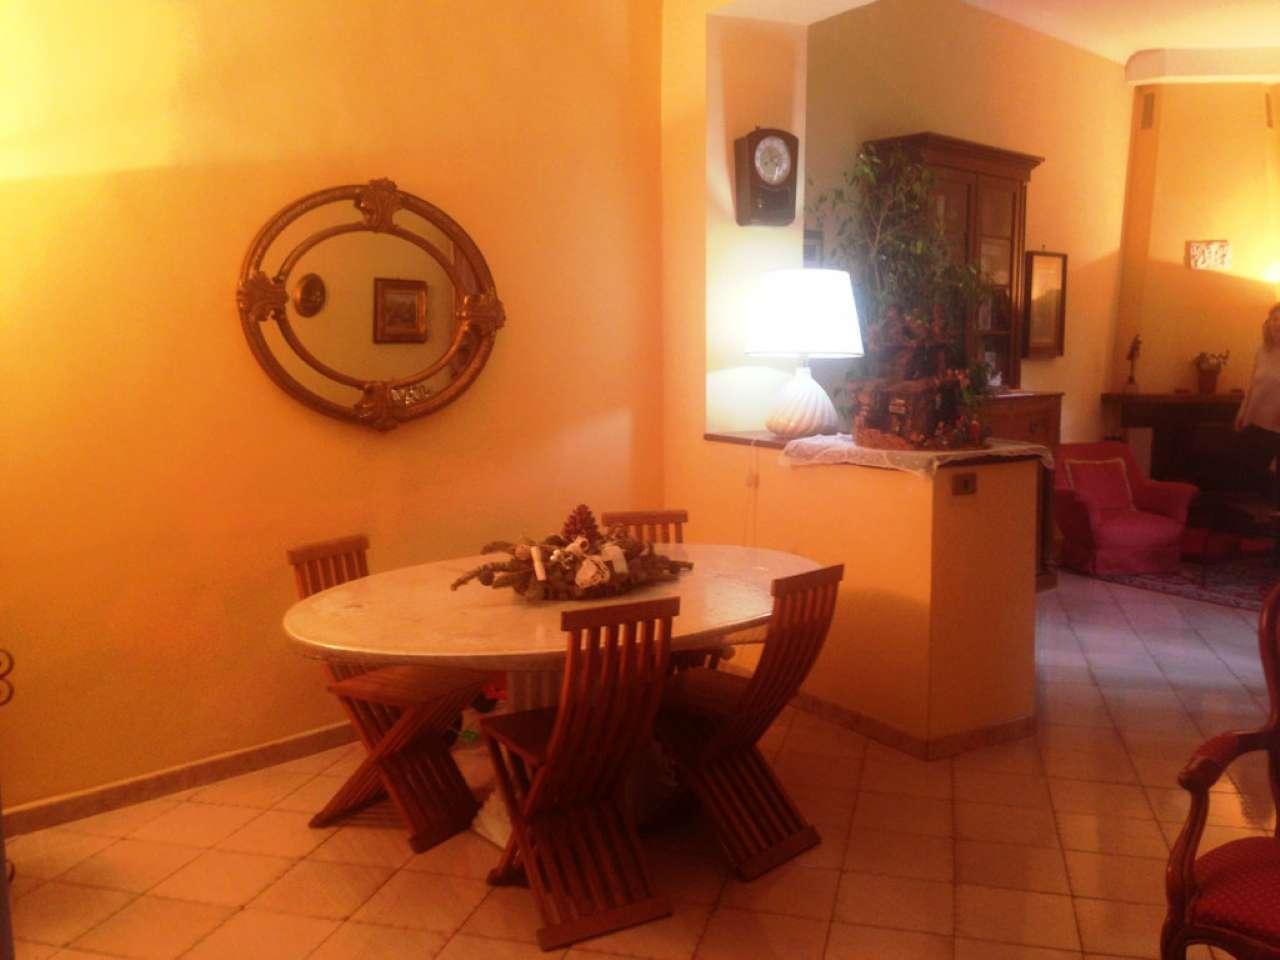 Appartamento in vendita a Torre del Greco, 4 locali, prezzo € 280.000 | CambioCasa.it